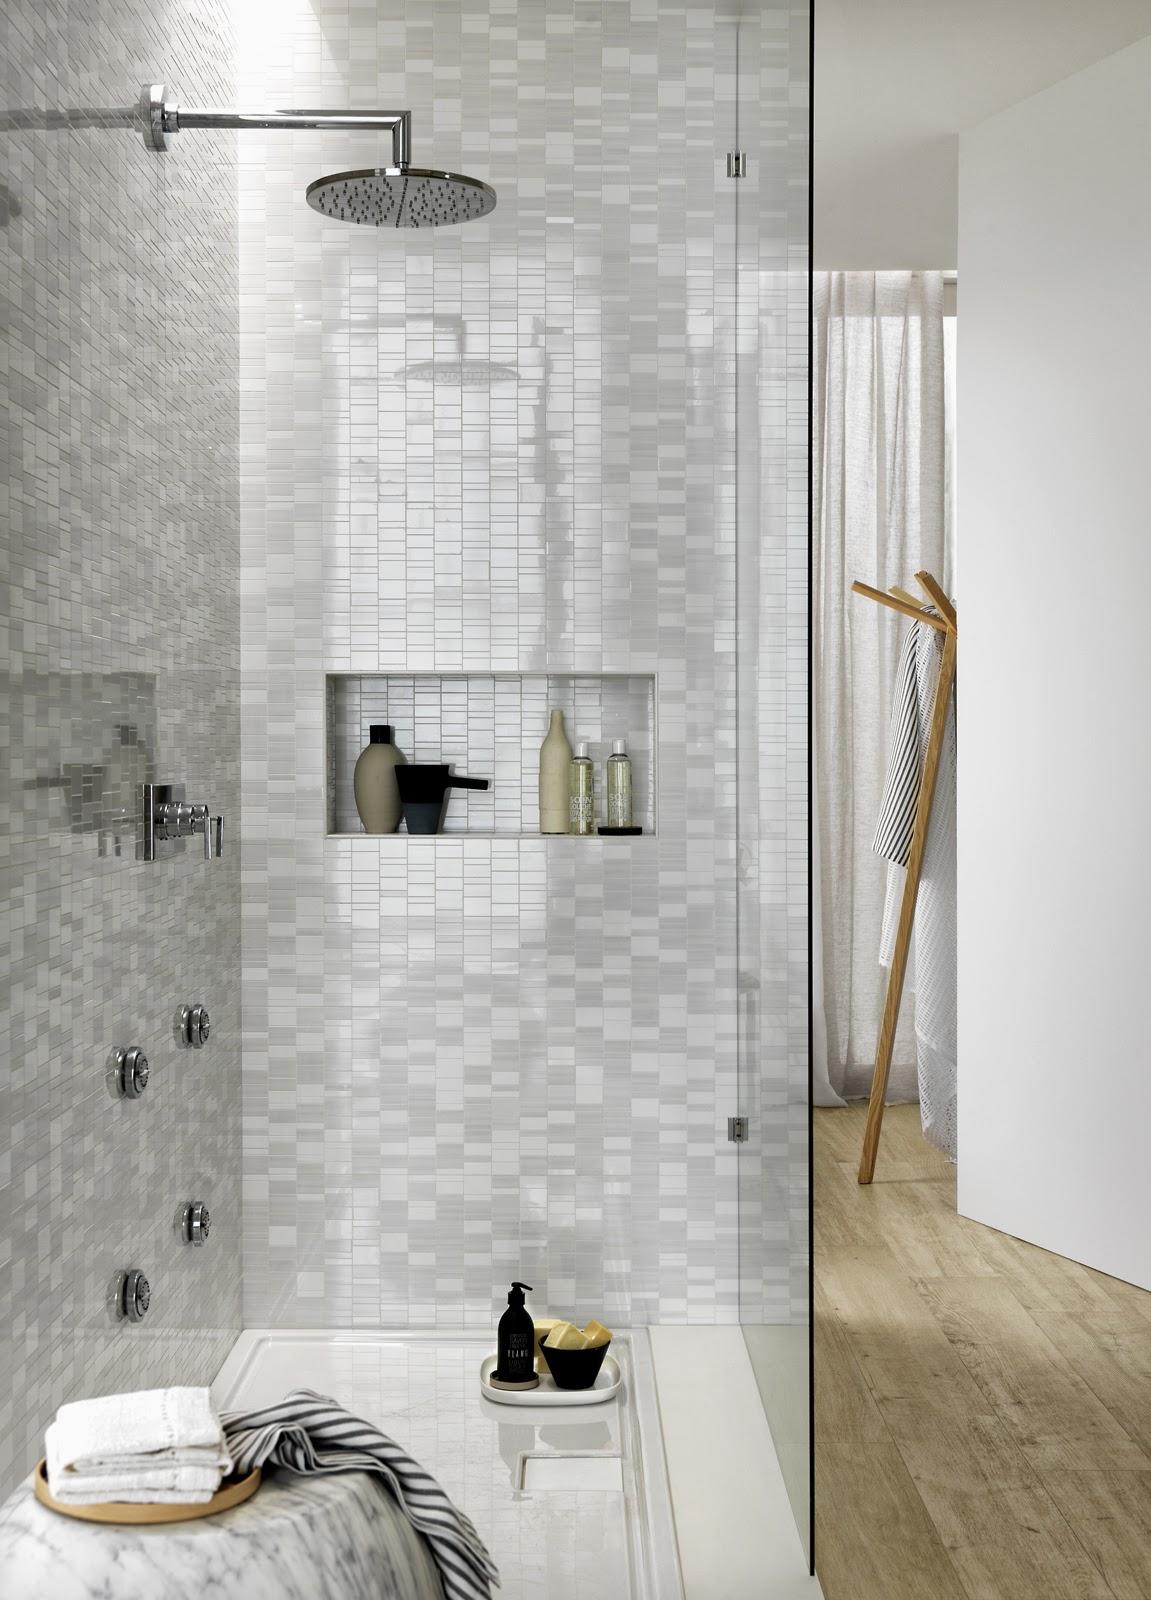 4bildcasa scegliere le piastrelle del bagno il colore parte prima - Piastrelle bagno mosaico doccia ...